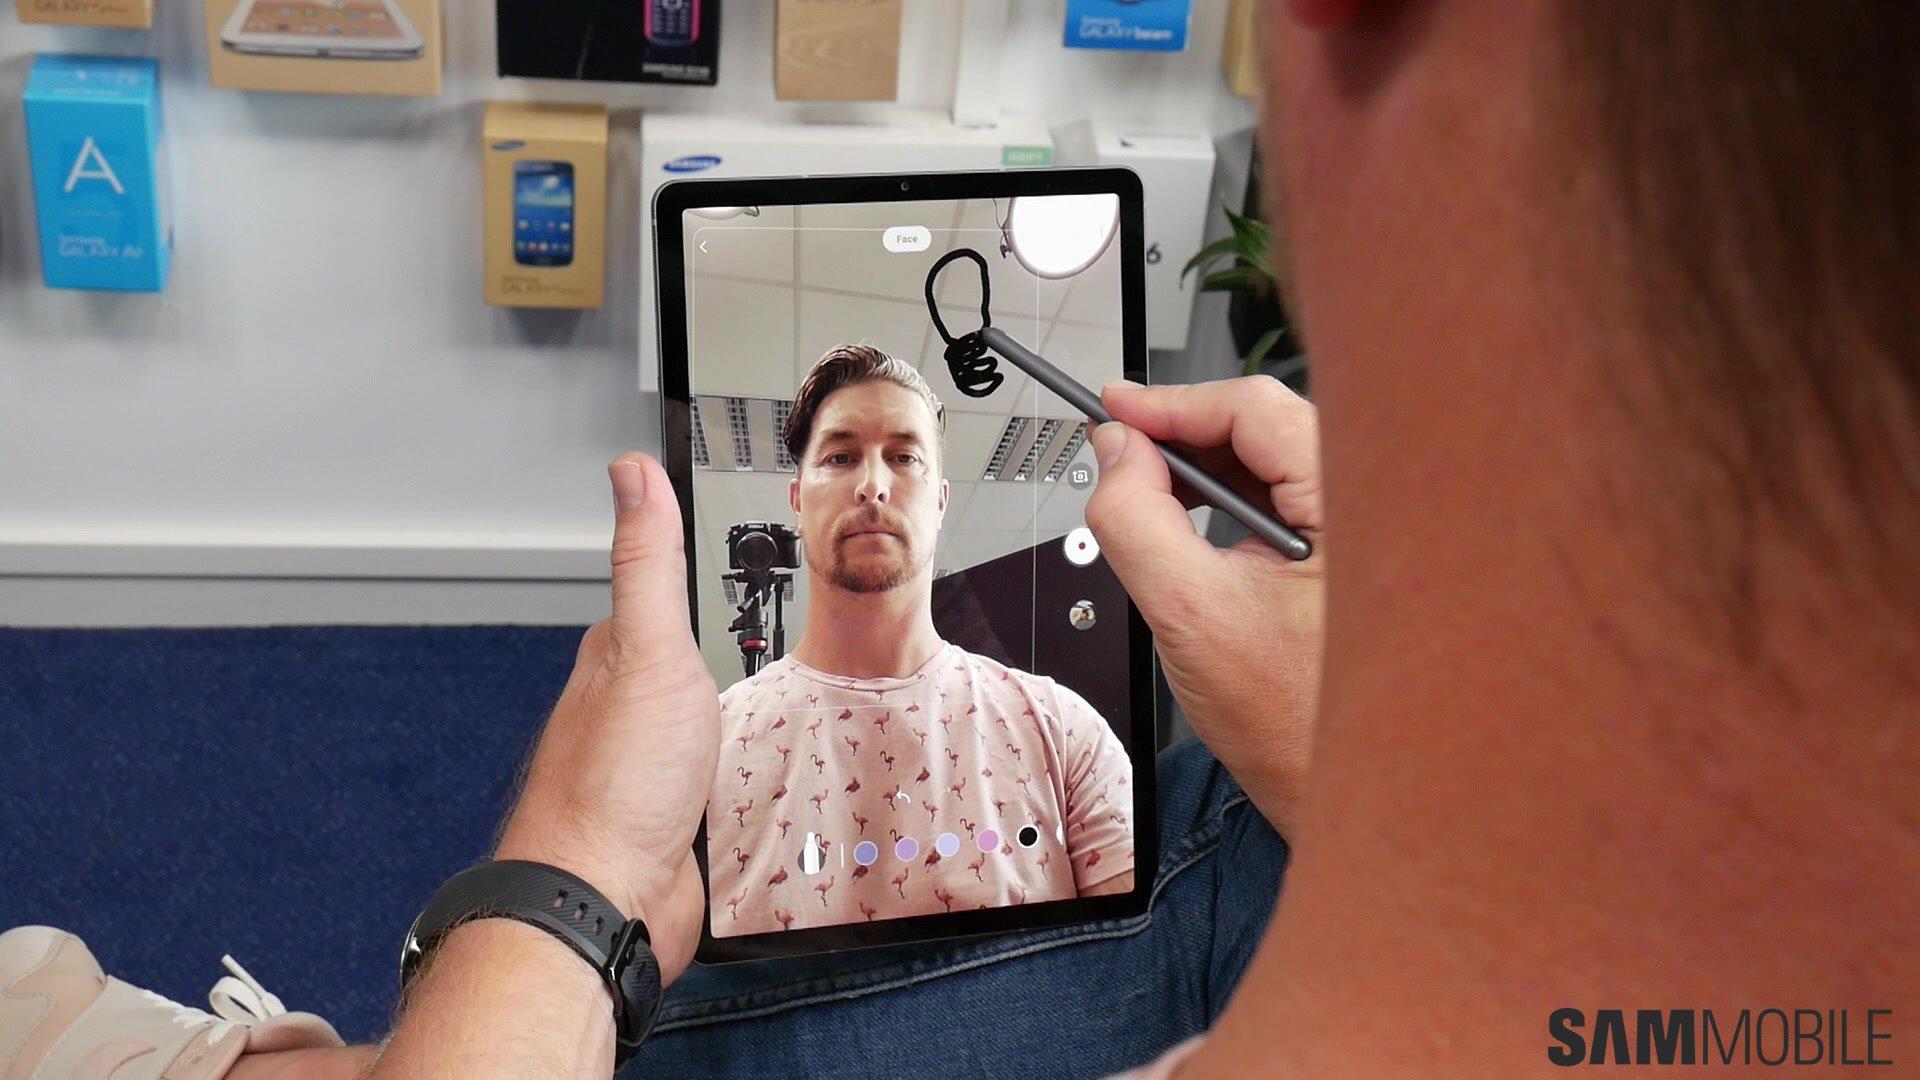 Samsung Galaxy Đánh giá Tab S6: máy tính bảng Android tốt nhất năm 2019 9